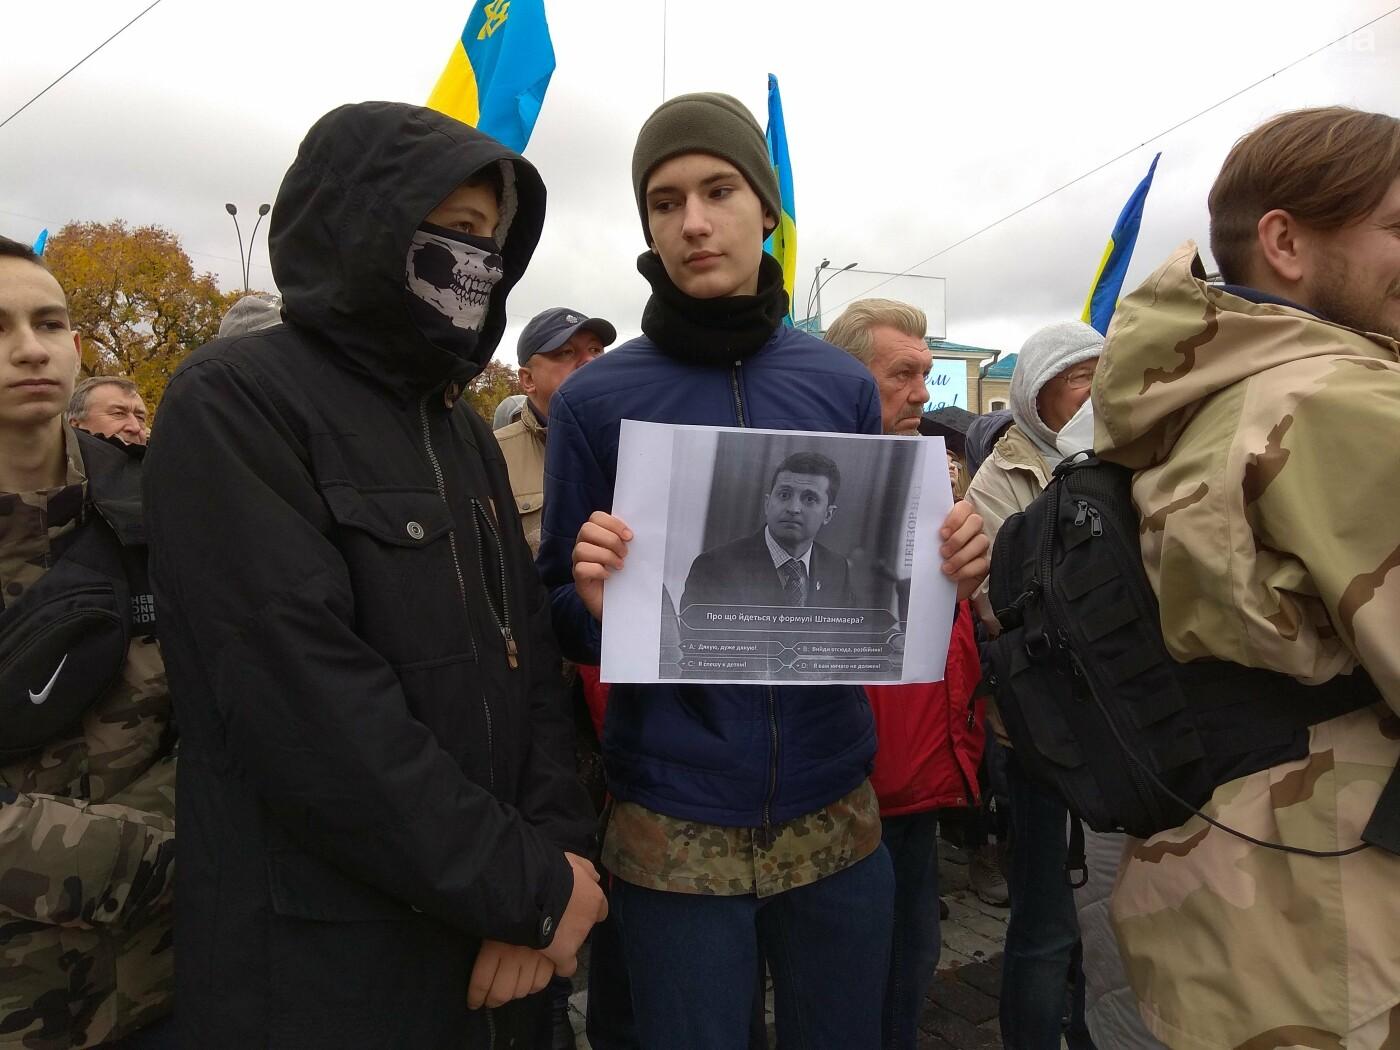 «Нет капитуляции»: харьковчане вышли на акцию против подписания формулы Штайнмайера, - ФОТО, фото-14